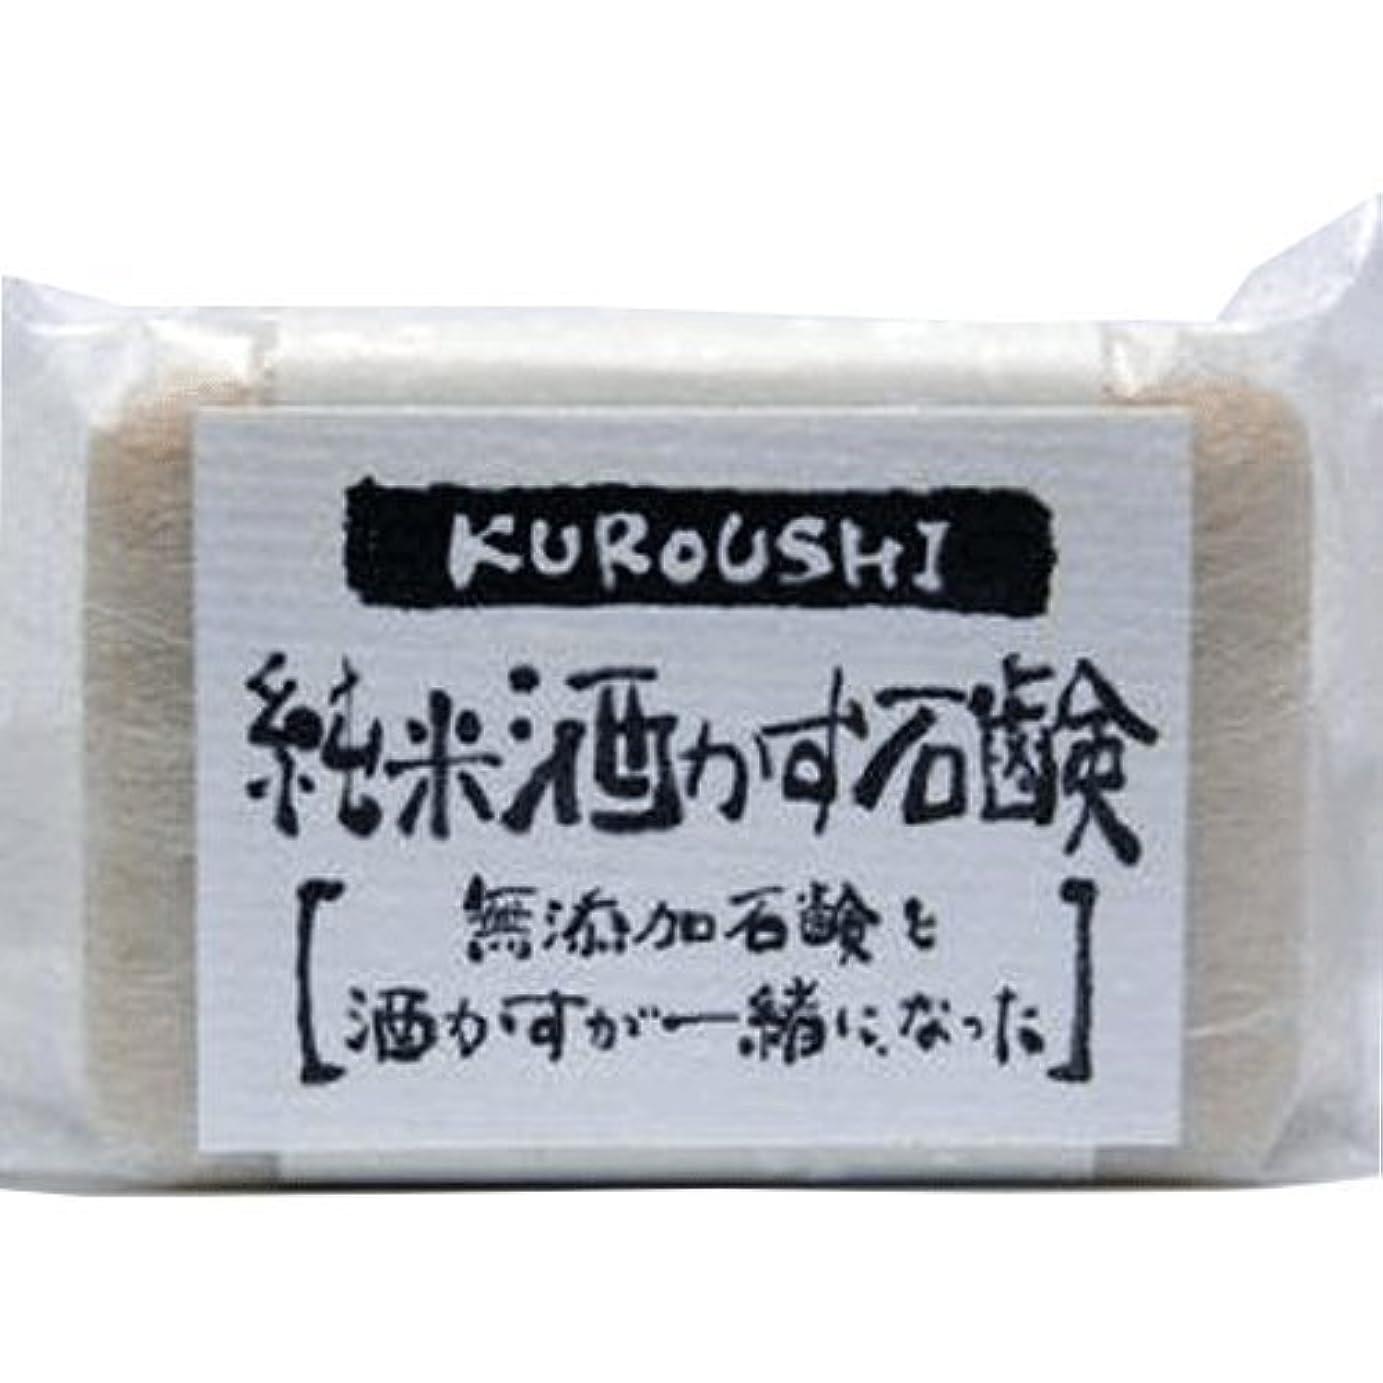 ラッチカジュアルエキゾチックKUROUSHI 純米酒かす 無添加石鹸(せっけん) 120g 6個セット